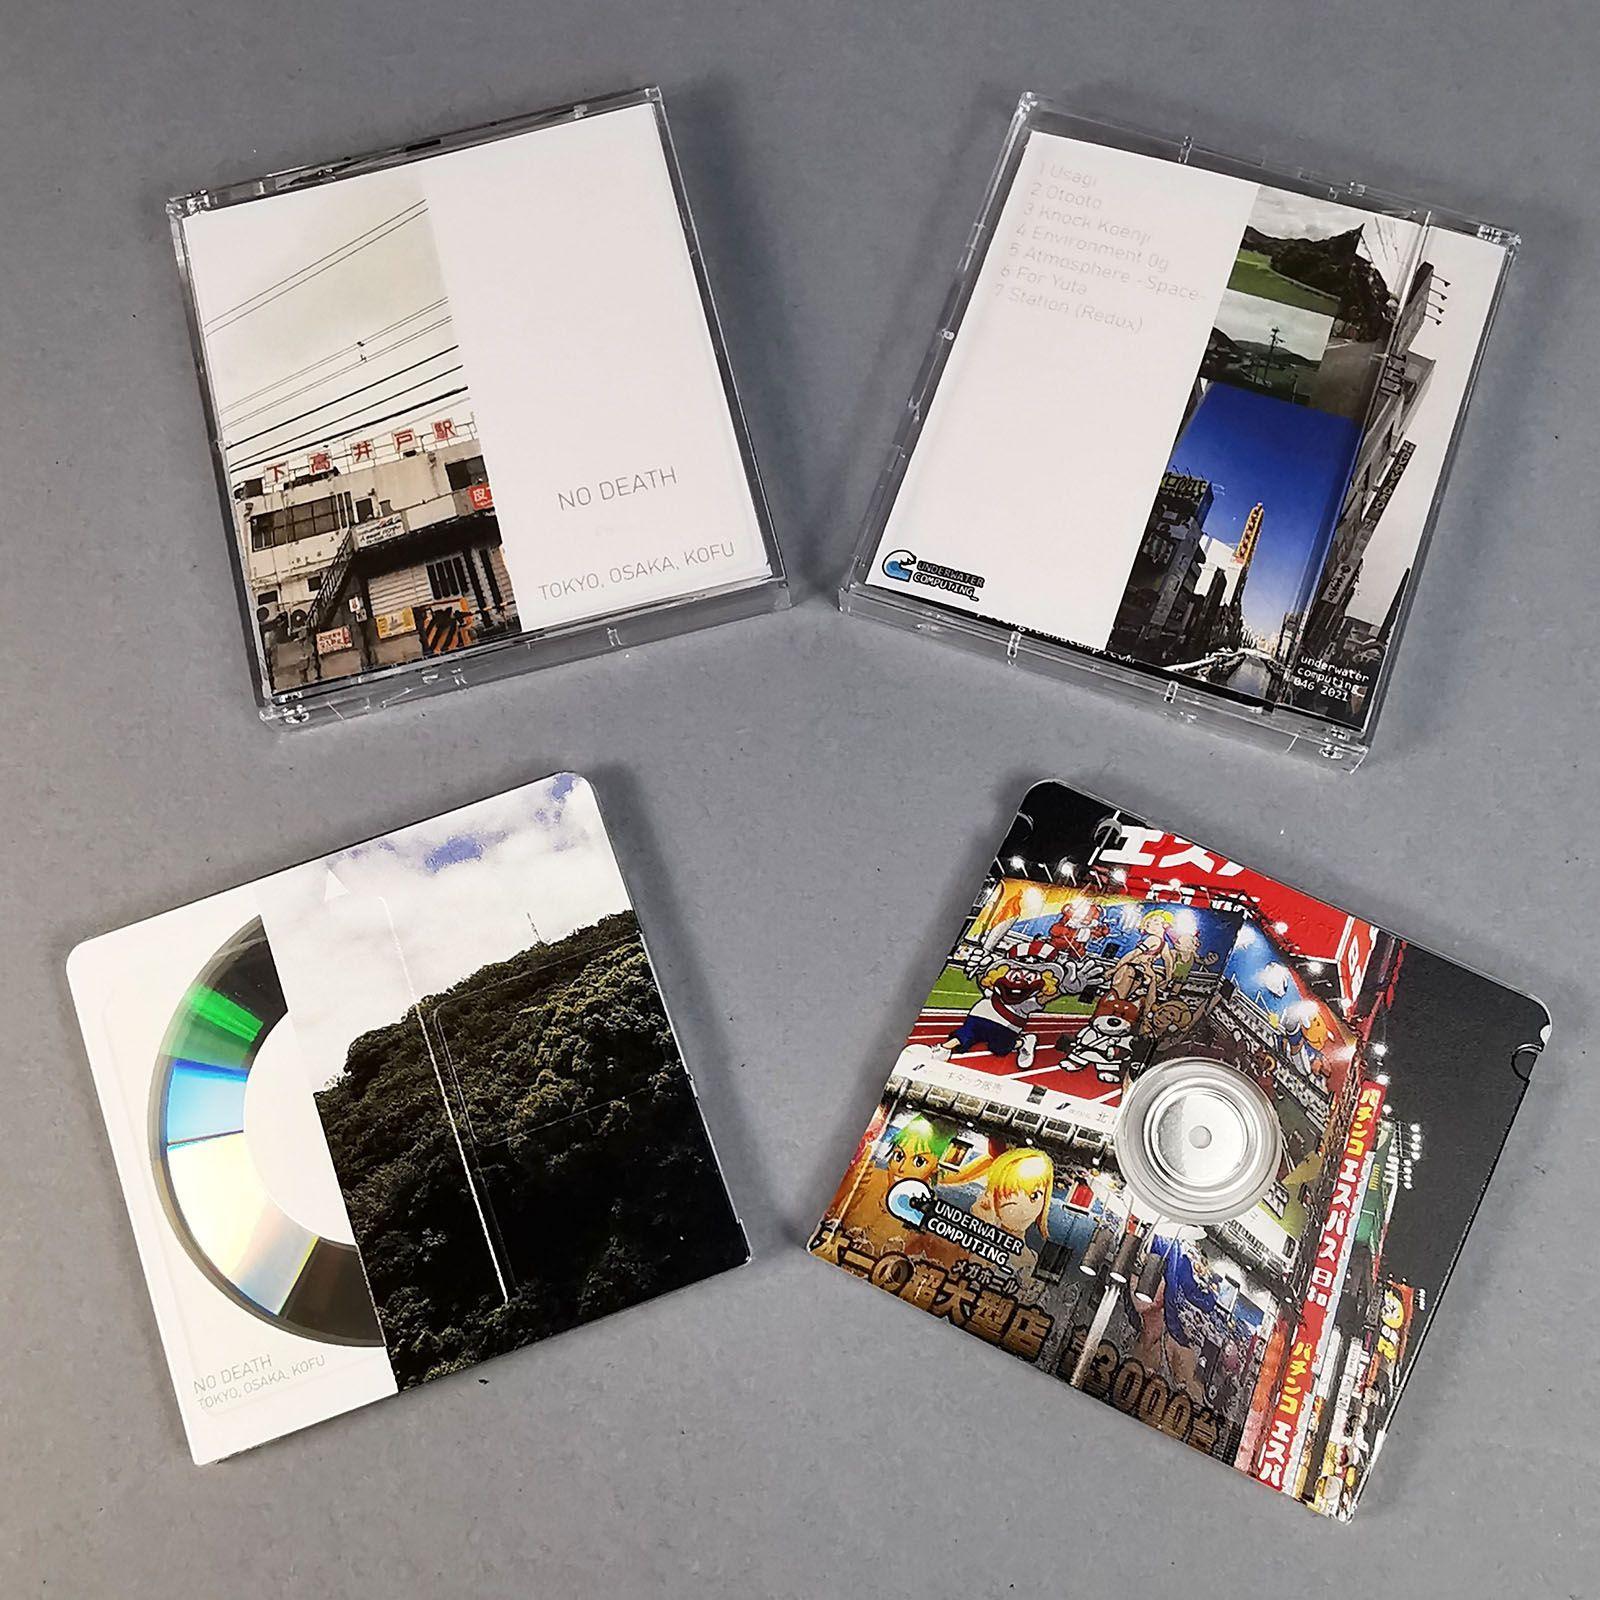 Tokyo, Osaka, Kofu by No Death cassette